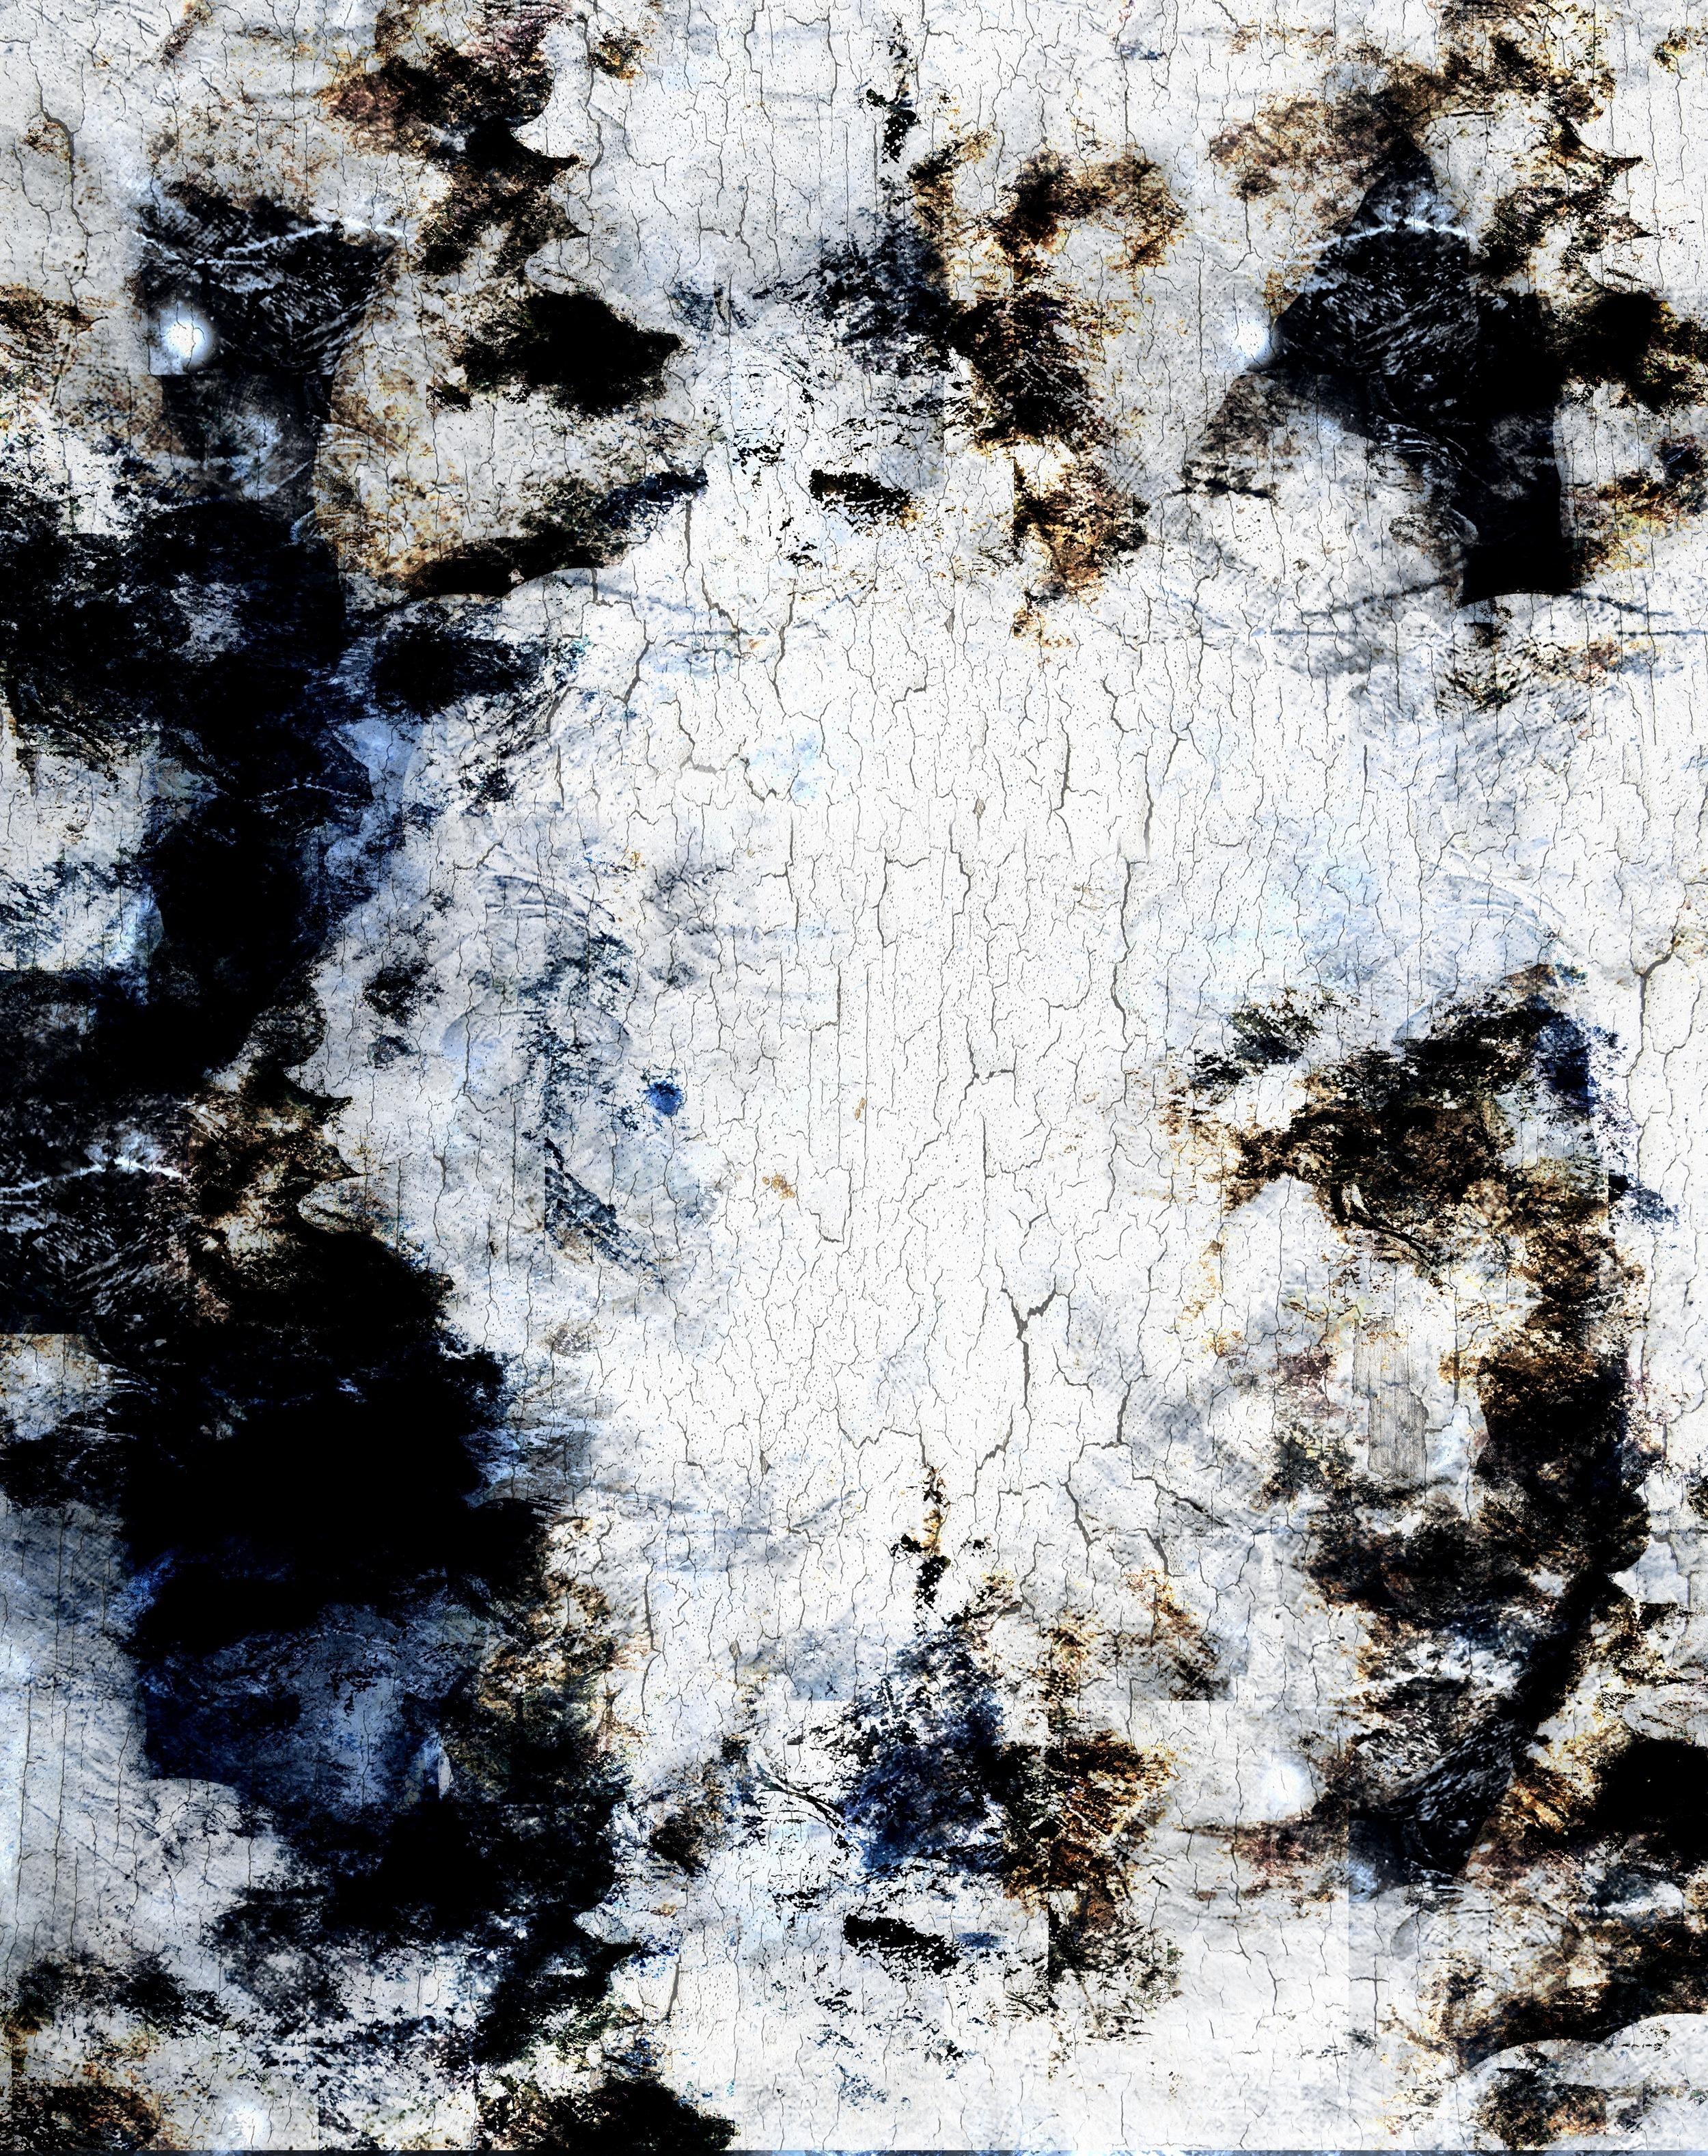 Textures (2014)